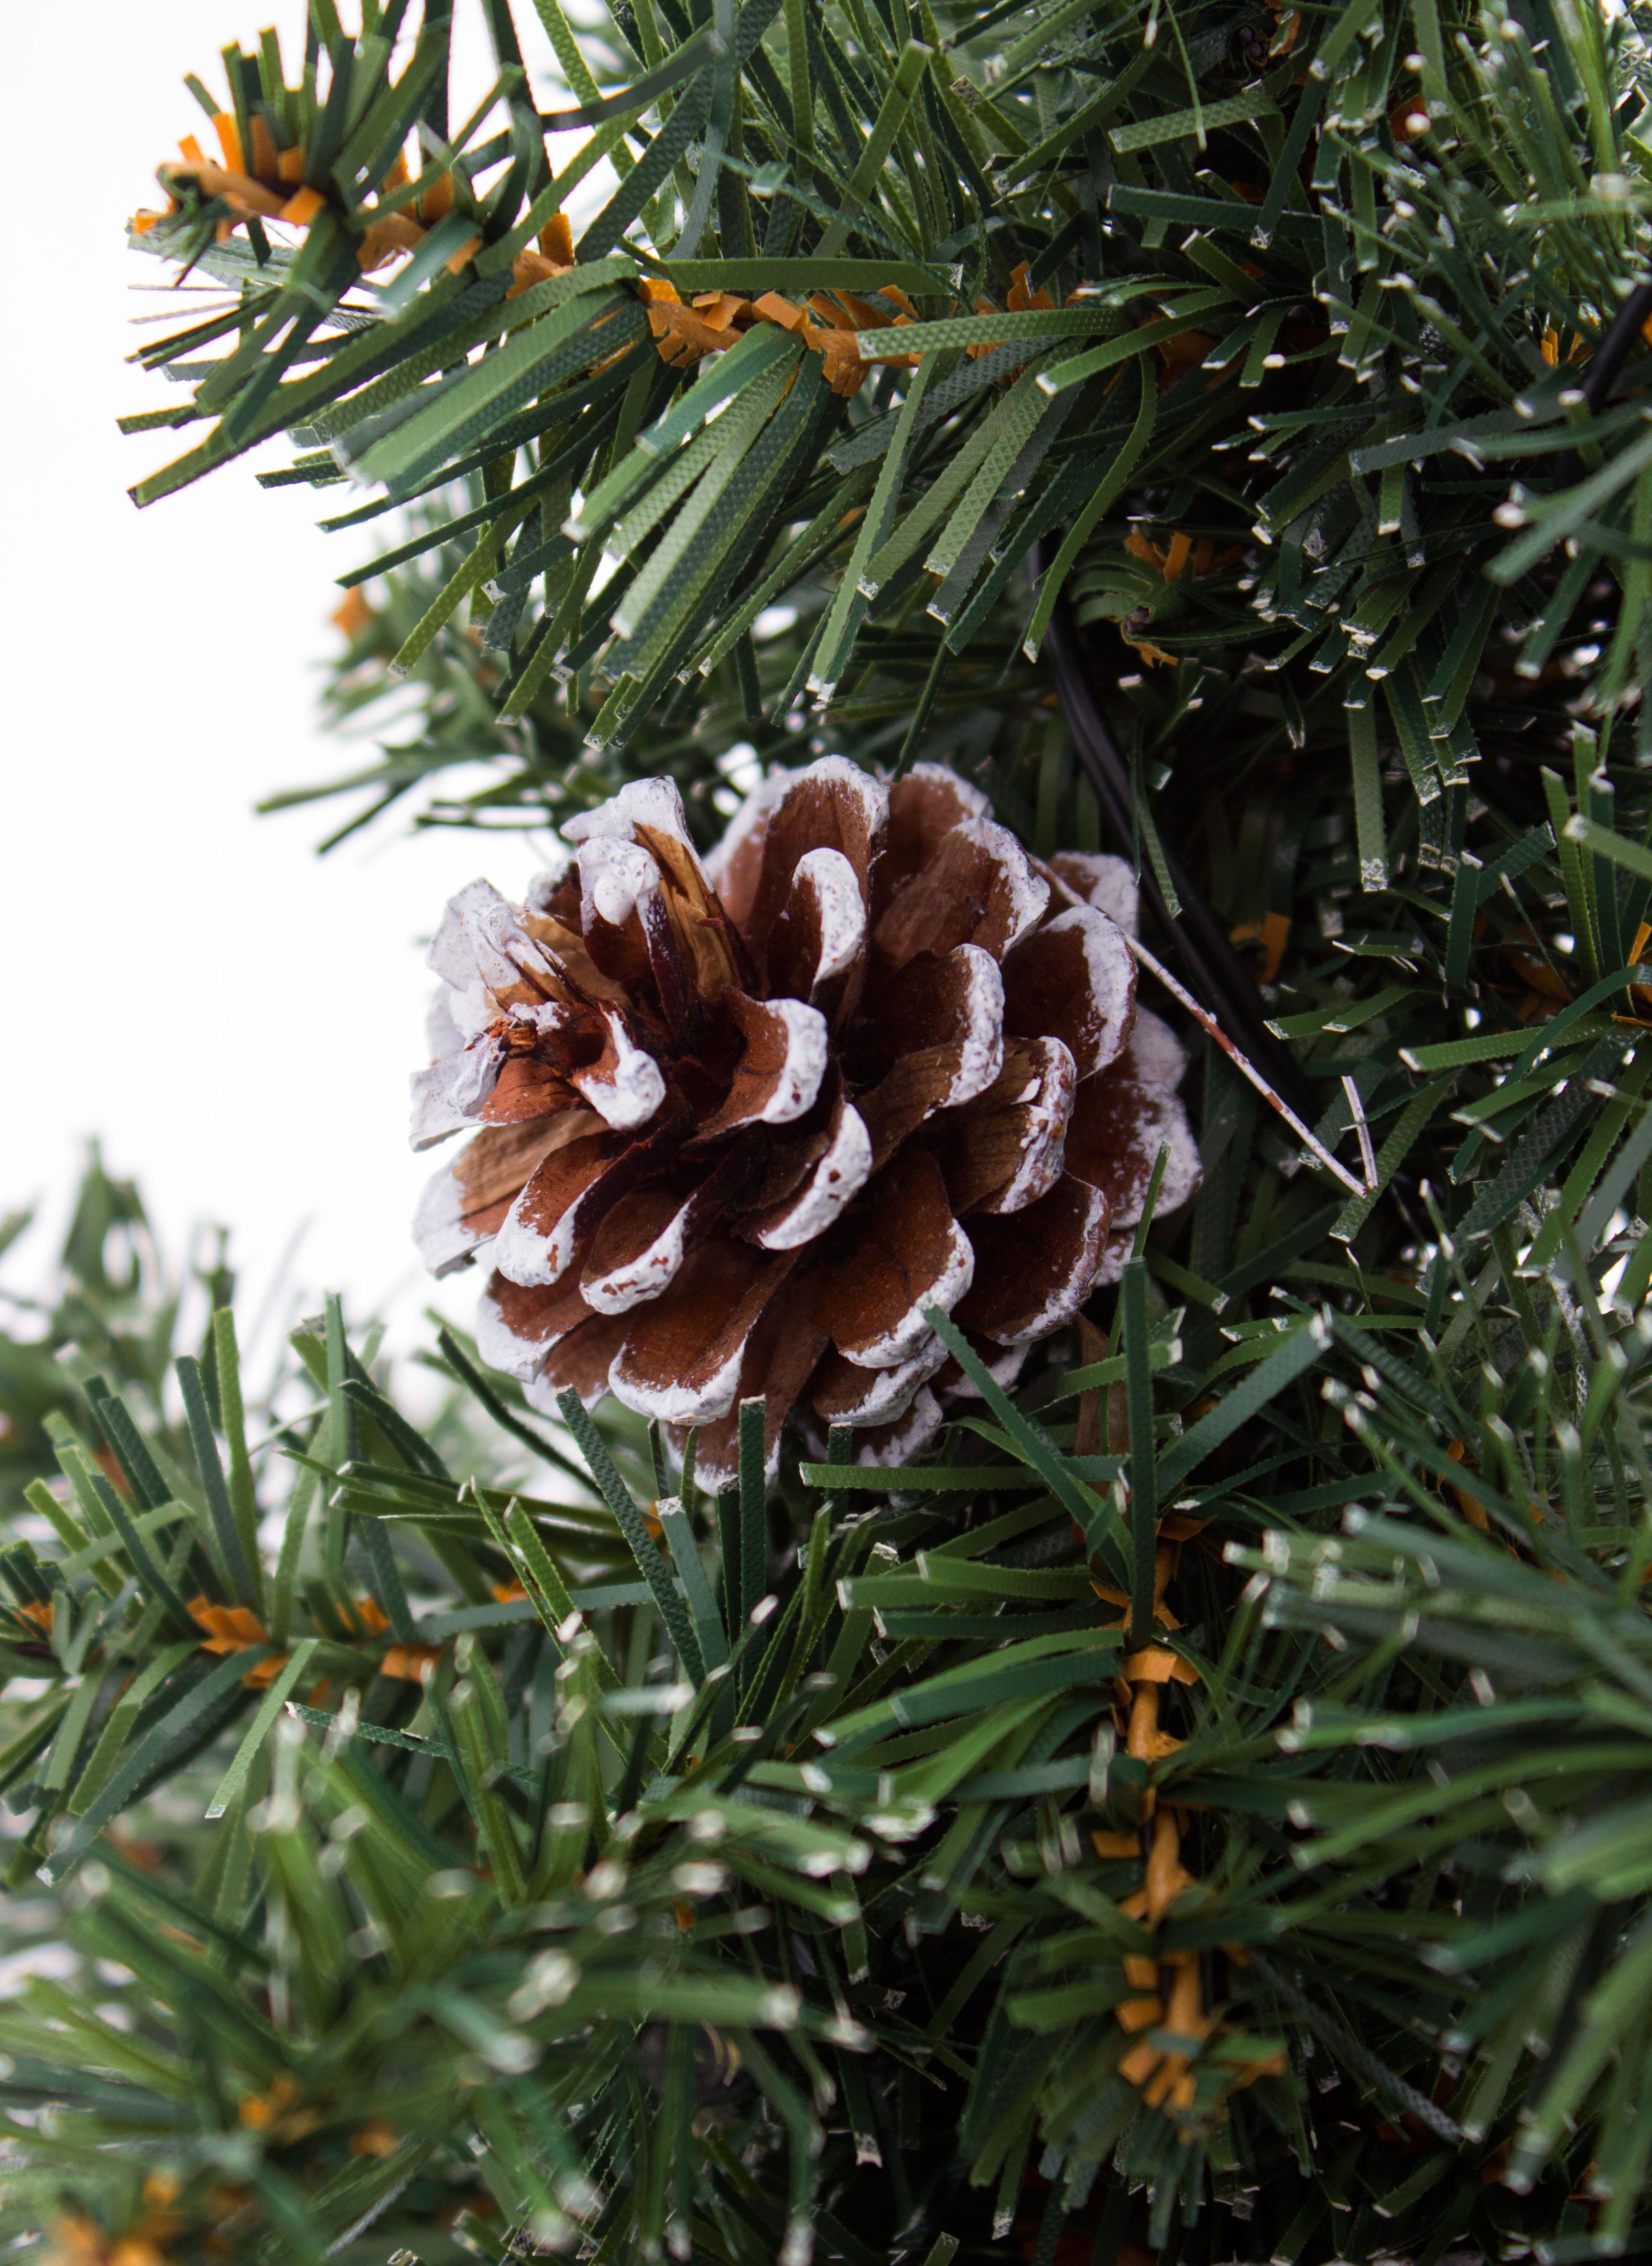 Weihnachtsbeleuchtung Tannenzapfen.Brubaker Blumenkasten Mit Künstlichen Weihnachtsbäumen Balkon Weihnachtsbeleuchtung 2x Tannenbaum